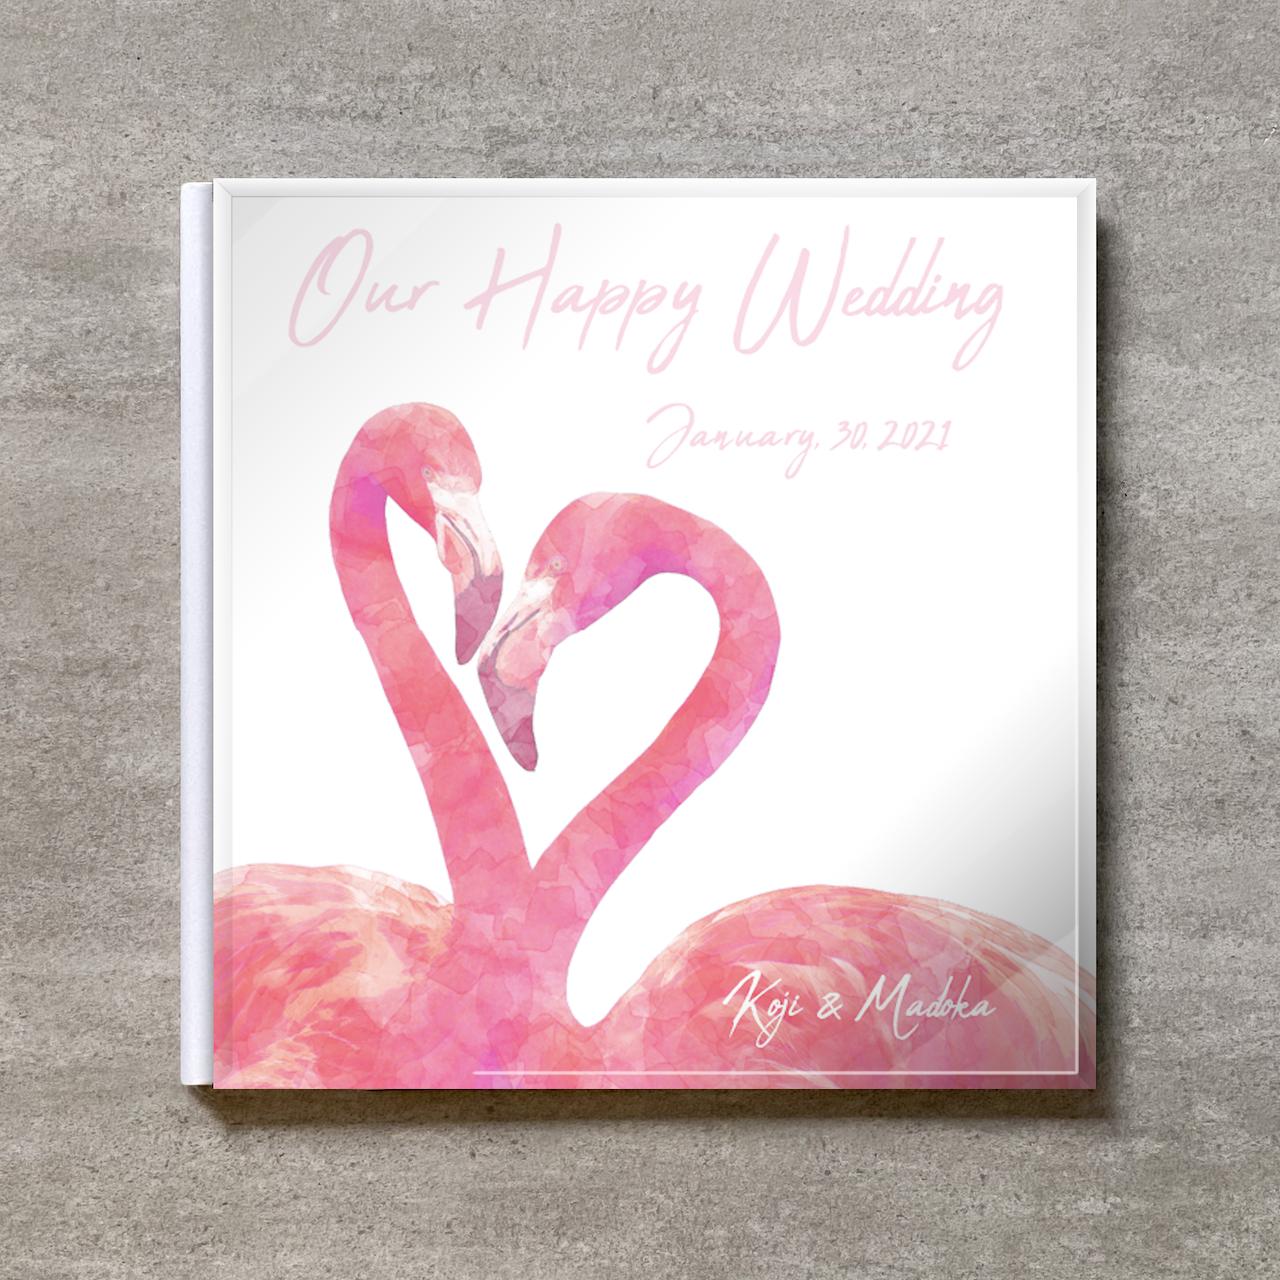 White Flamingo_A4スクエア_20ページ/30カット_クラシックアルバム(アクリルカバー)